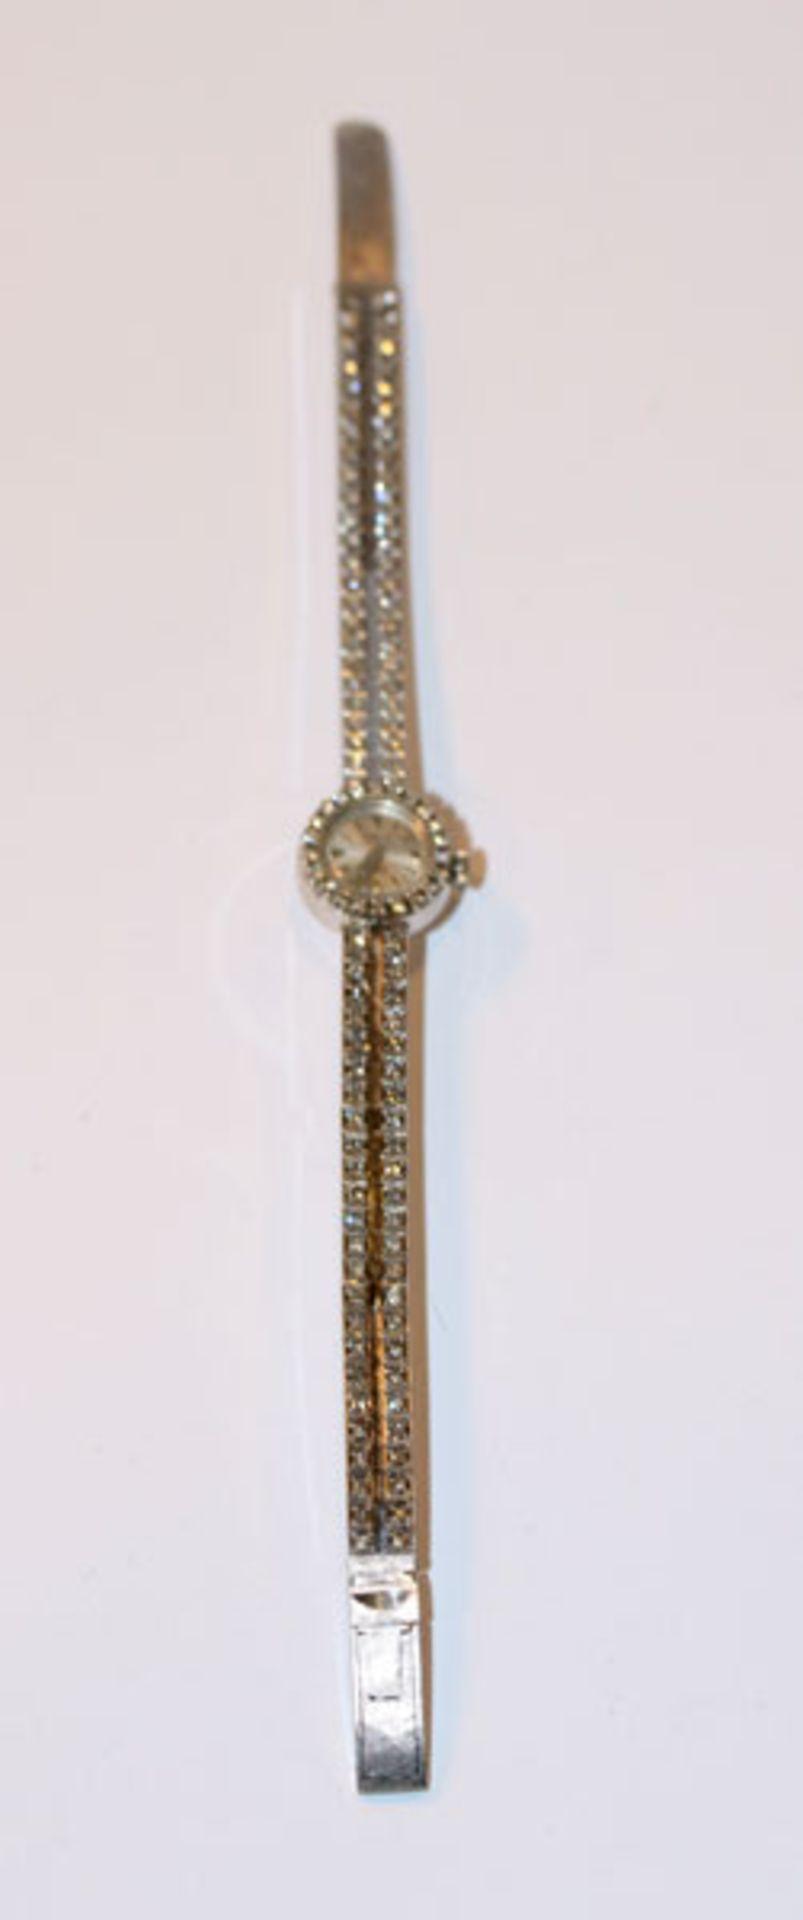 18 k Weißgold Damen Armbanduhr der Firma Dreffa, Zifferblatt mit Diamantkranz und das ganze